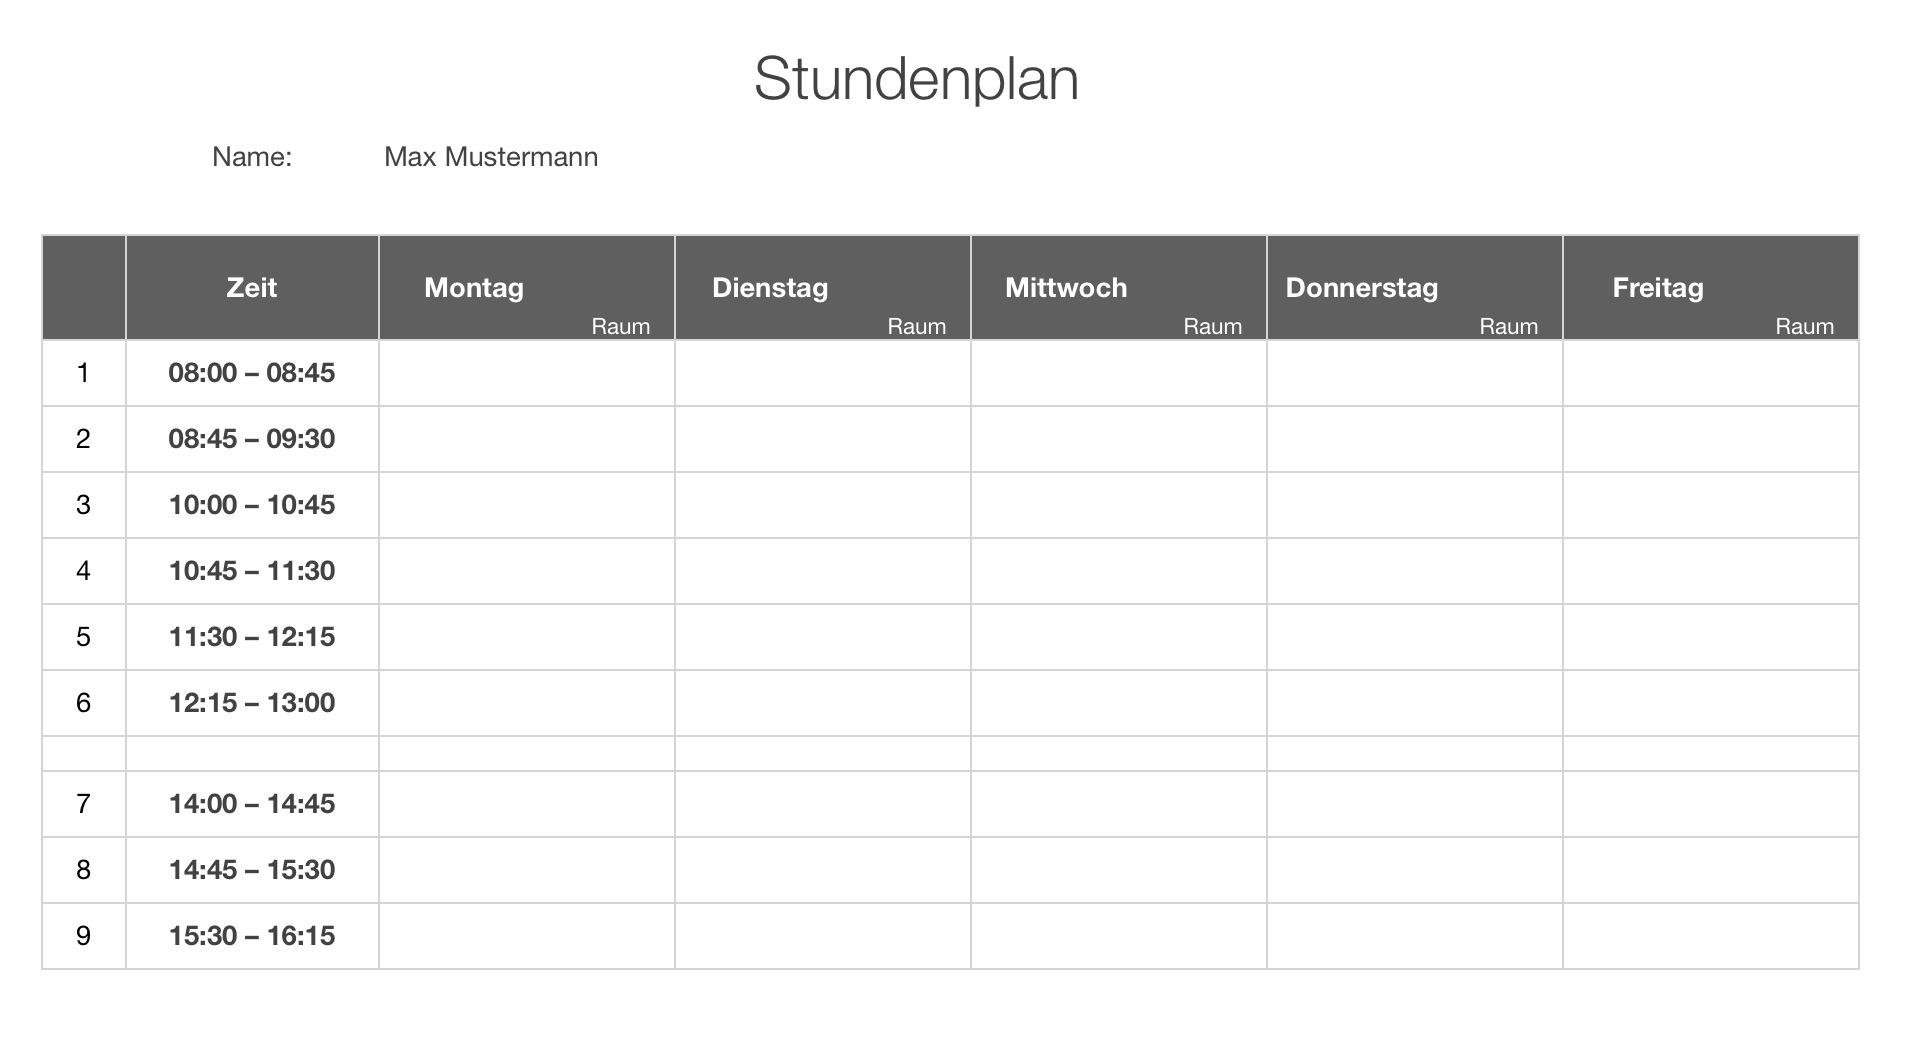 Fein Studienplan Vorlagen Ideen - Beispiel Wiederaufnahme Vorlagen ...